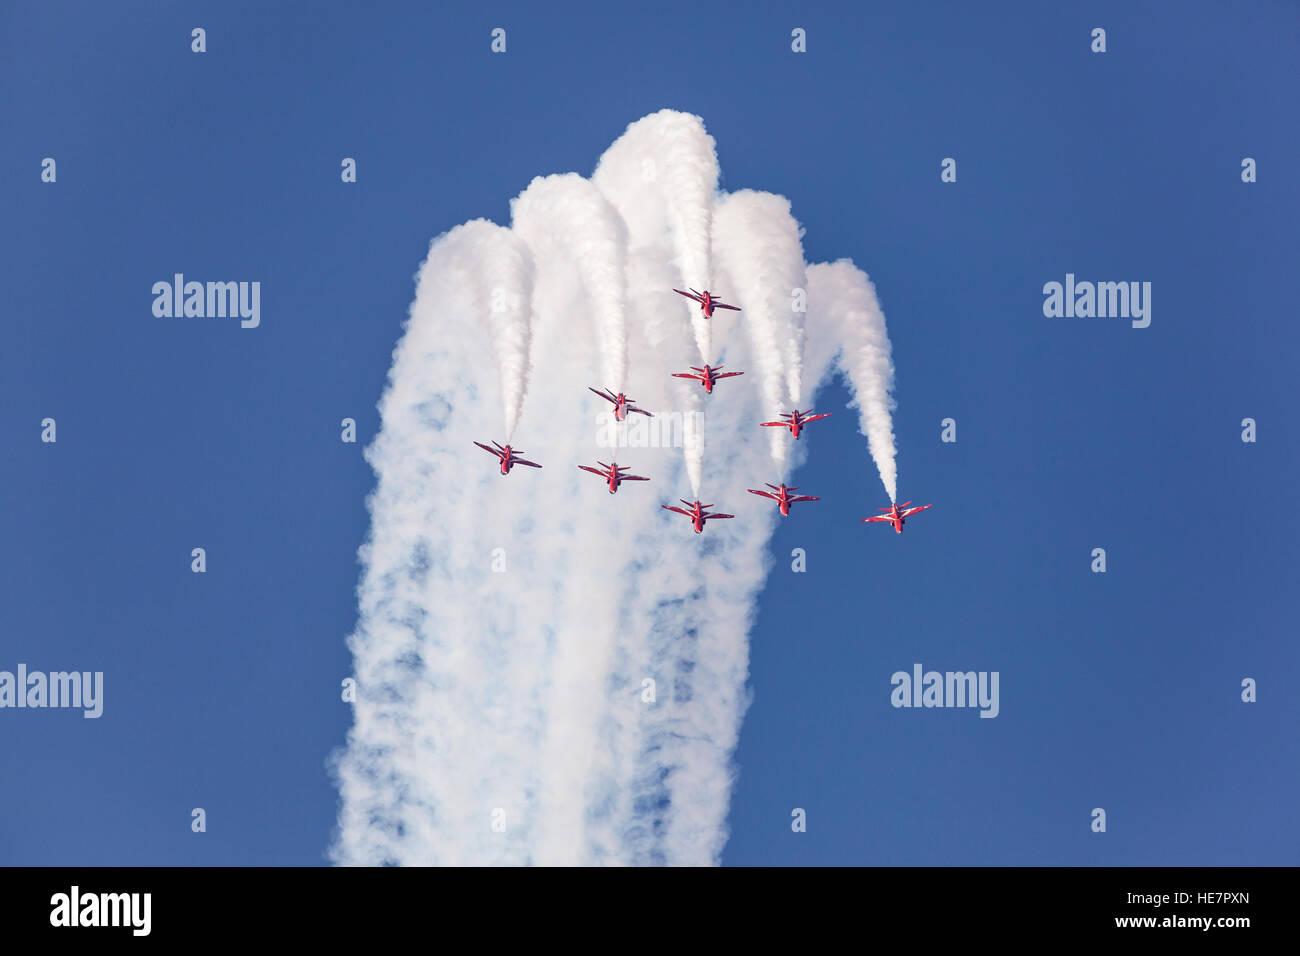 L'équipe de voltige aérienne de la Royal Air Force des flèches rouges à Abu Dhabi Photo Stock